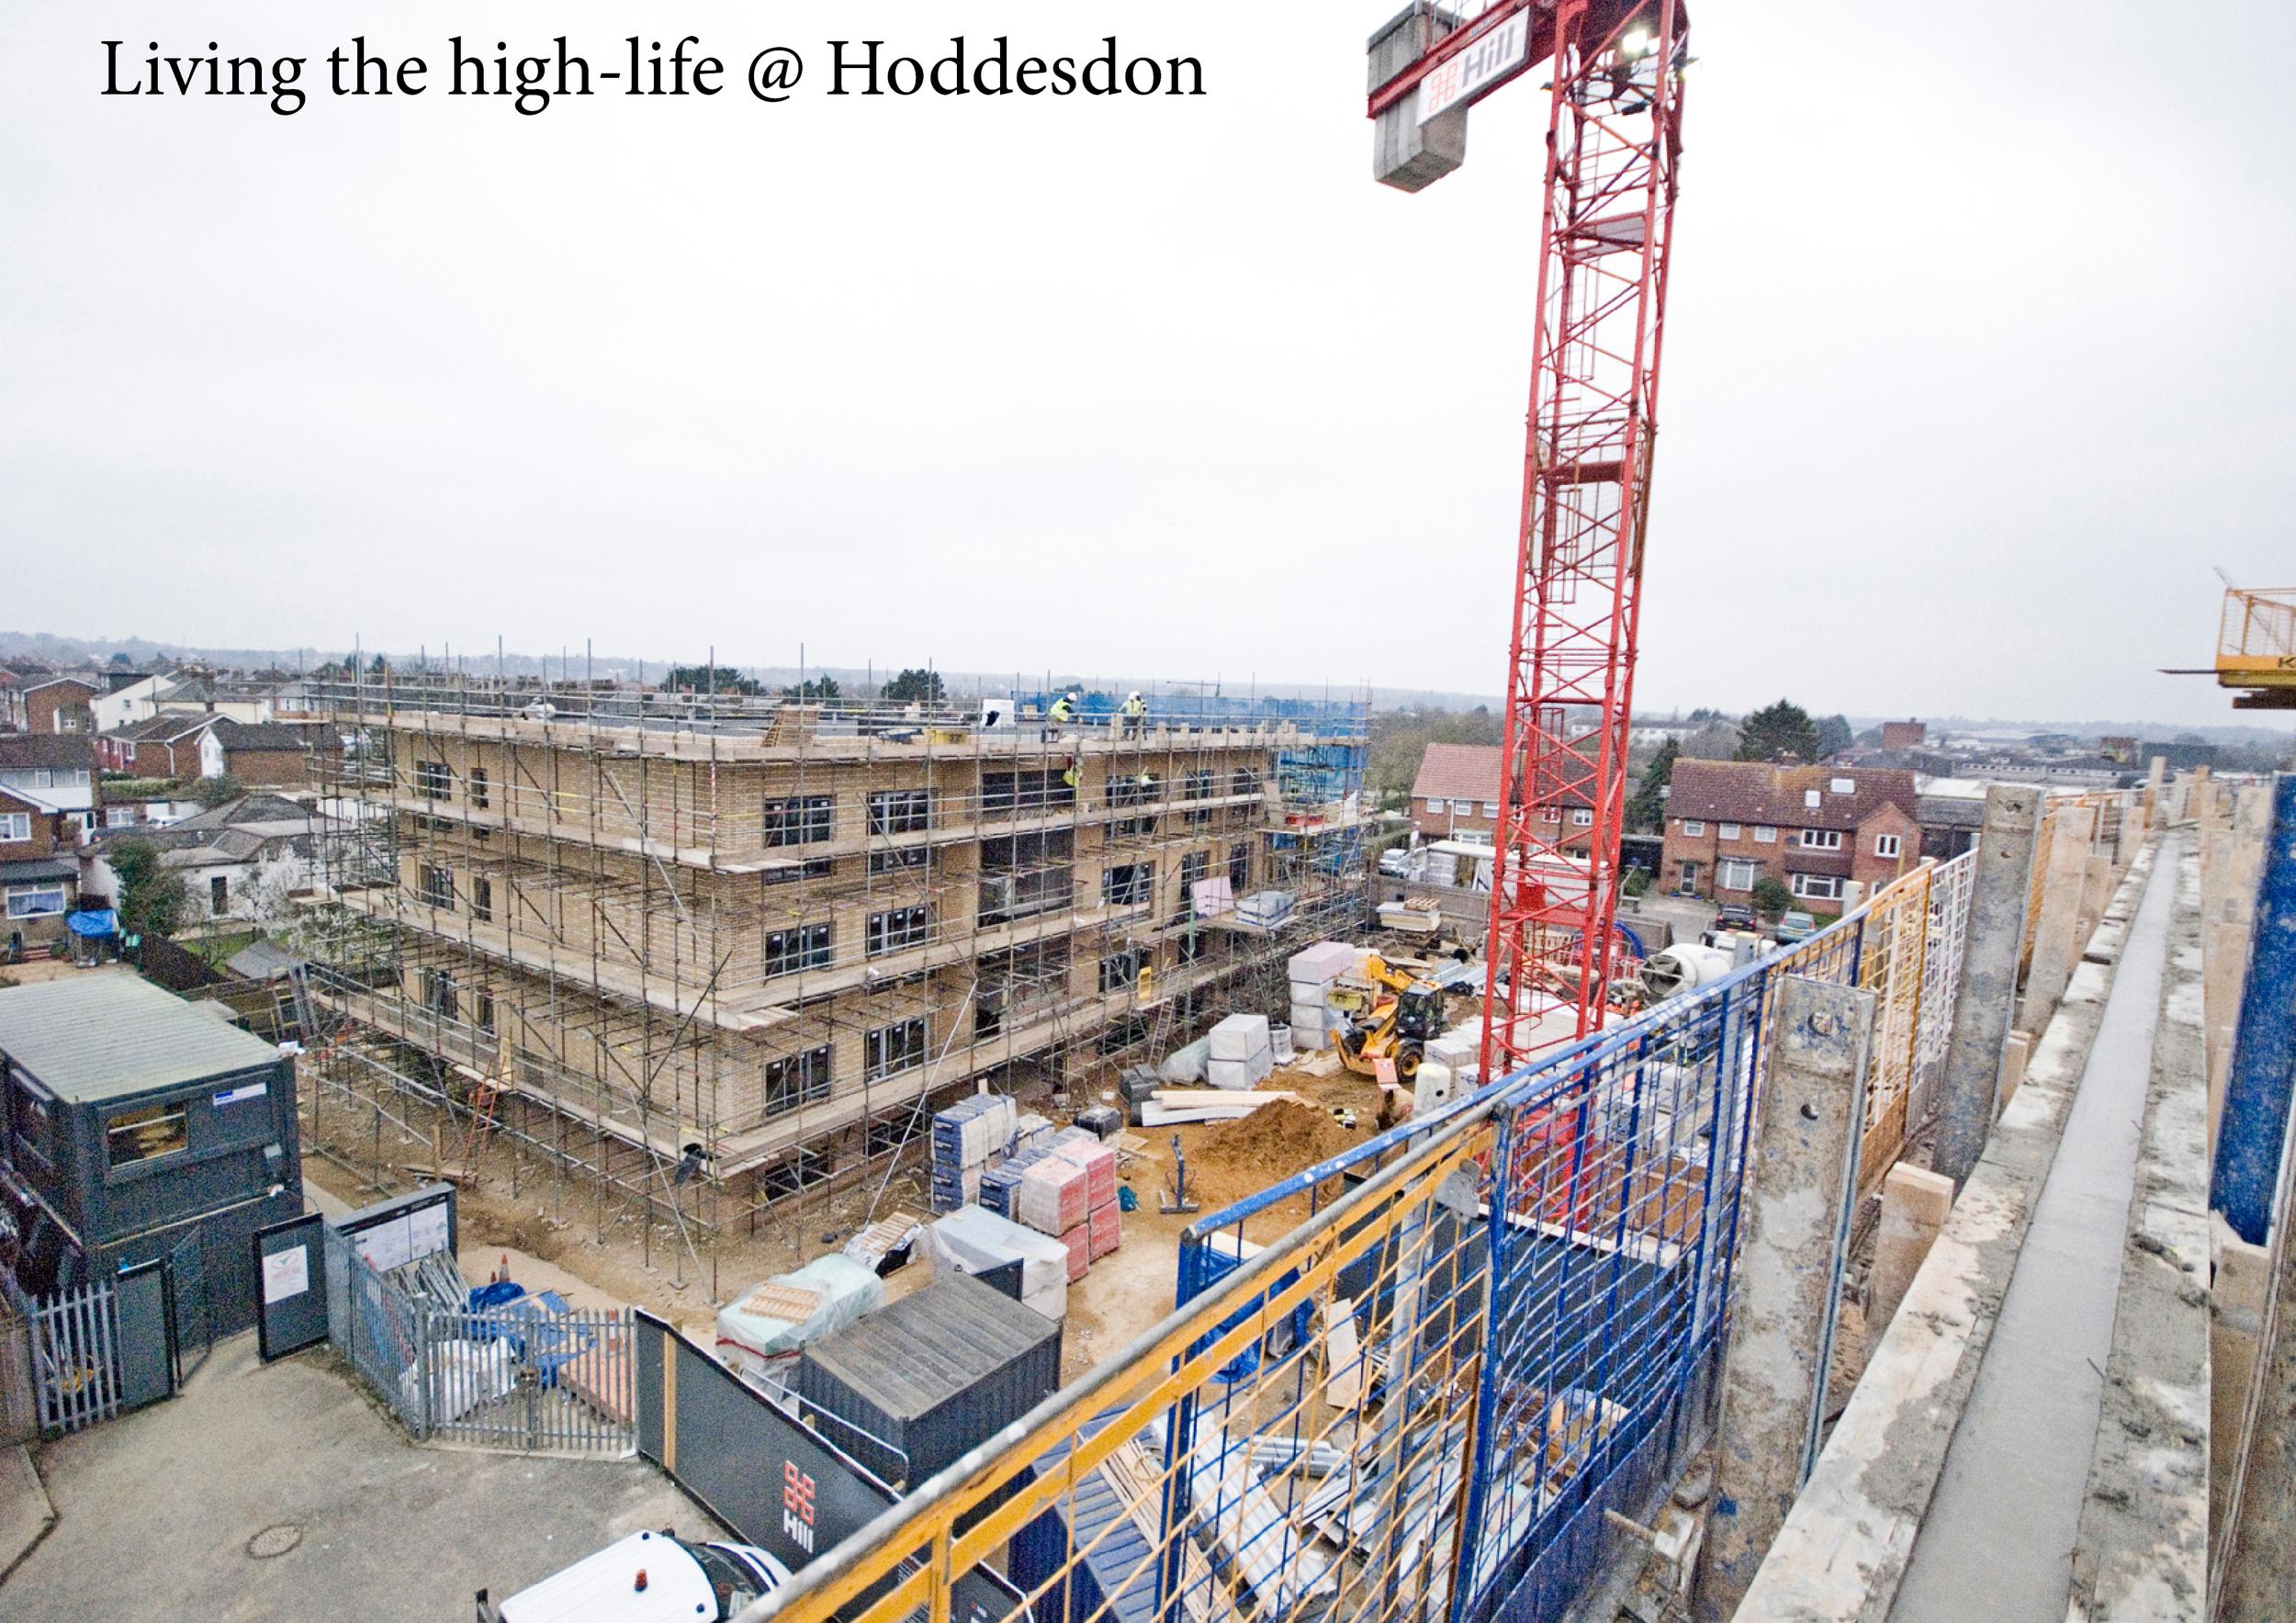 Living the high life@Hoddesdon